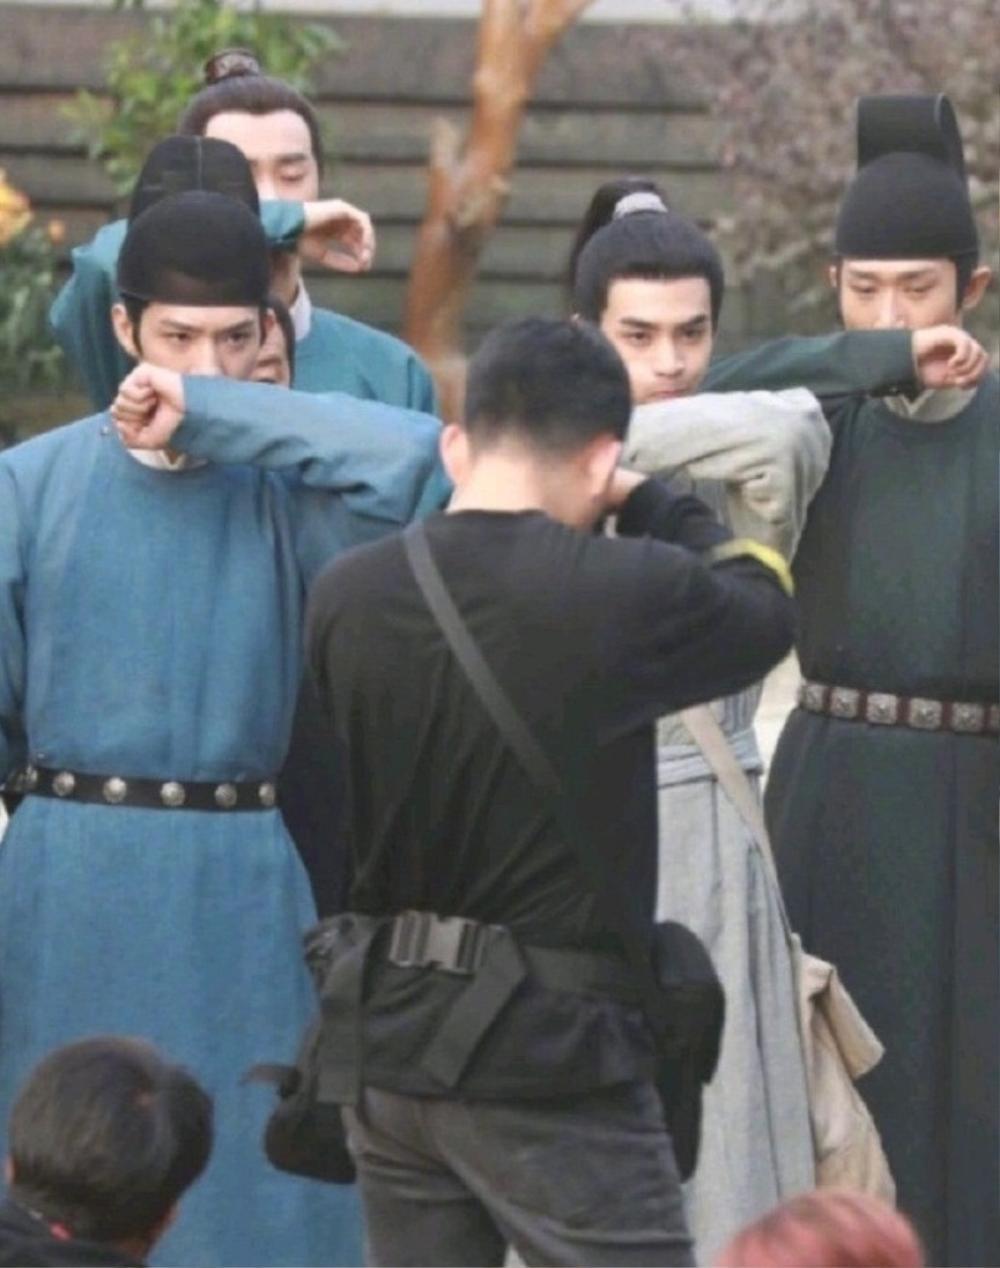 Phim đam mỹ 'Trương Công Án': Tống Uy Long không hợp vào vai cổ trang, già dặn hơn Tỉnh Bách Nhiên? Ảnh 3